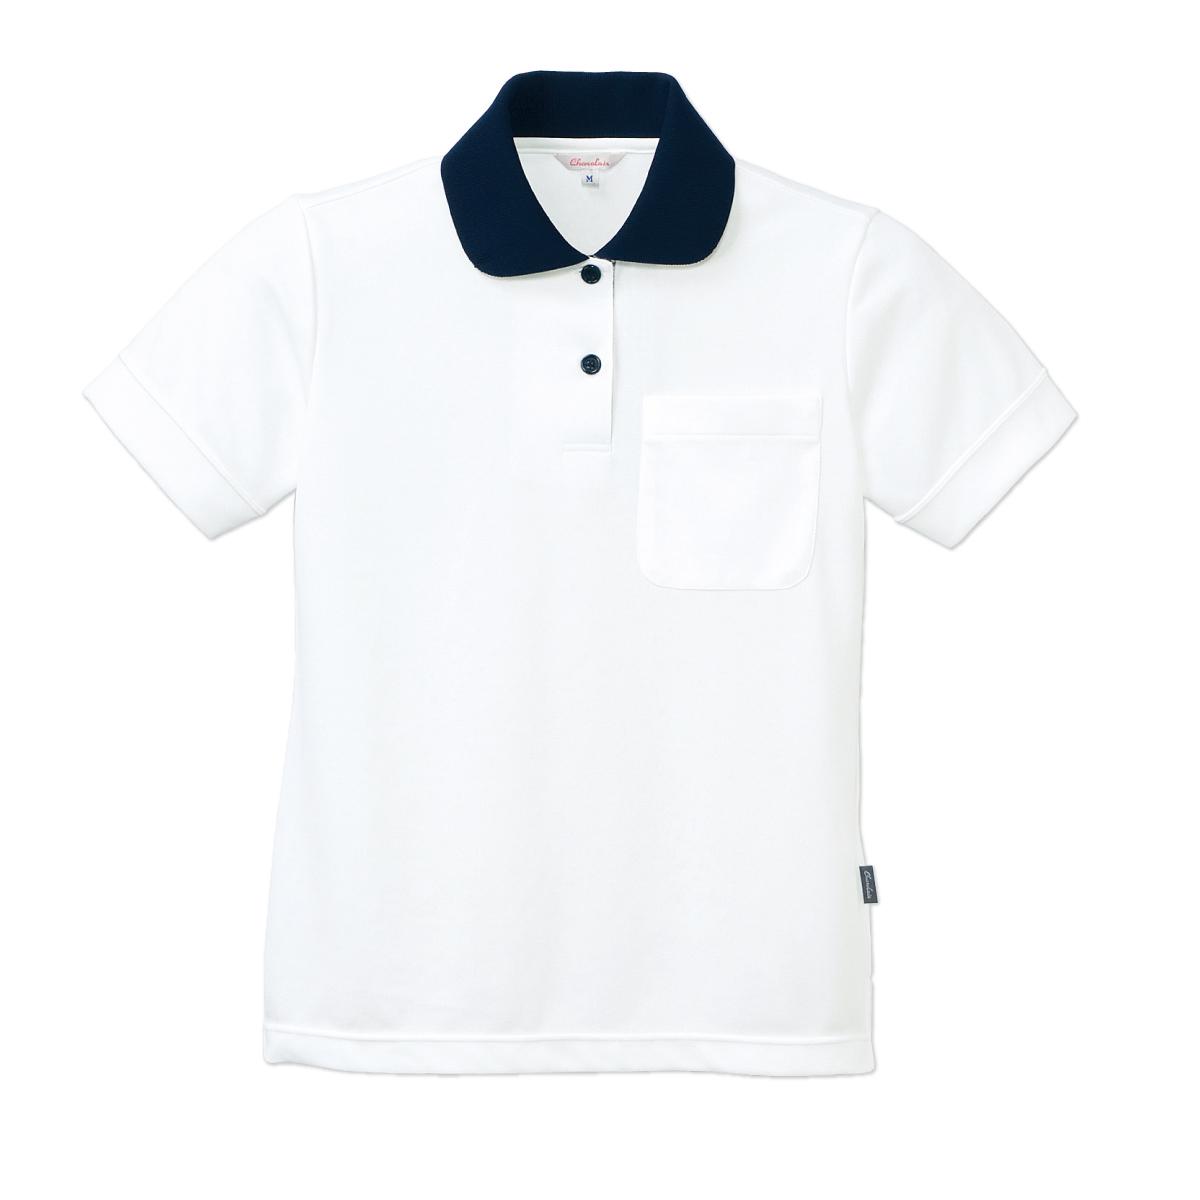 シャロレー 6715-10 お求めやすく価格改定 20 41 71 レディース 女性用 格安 価格でご提供いたします 89 ポロシャツ 介護